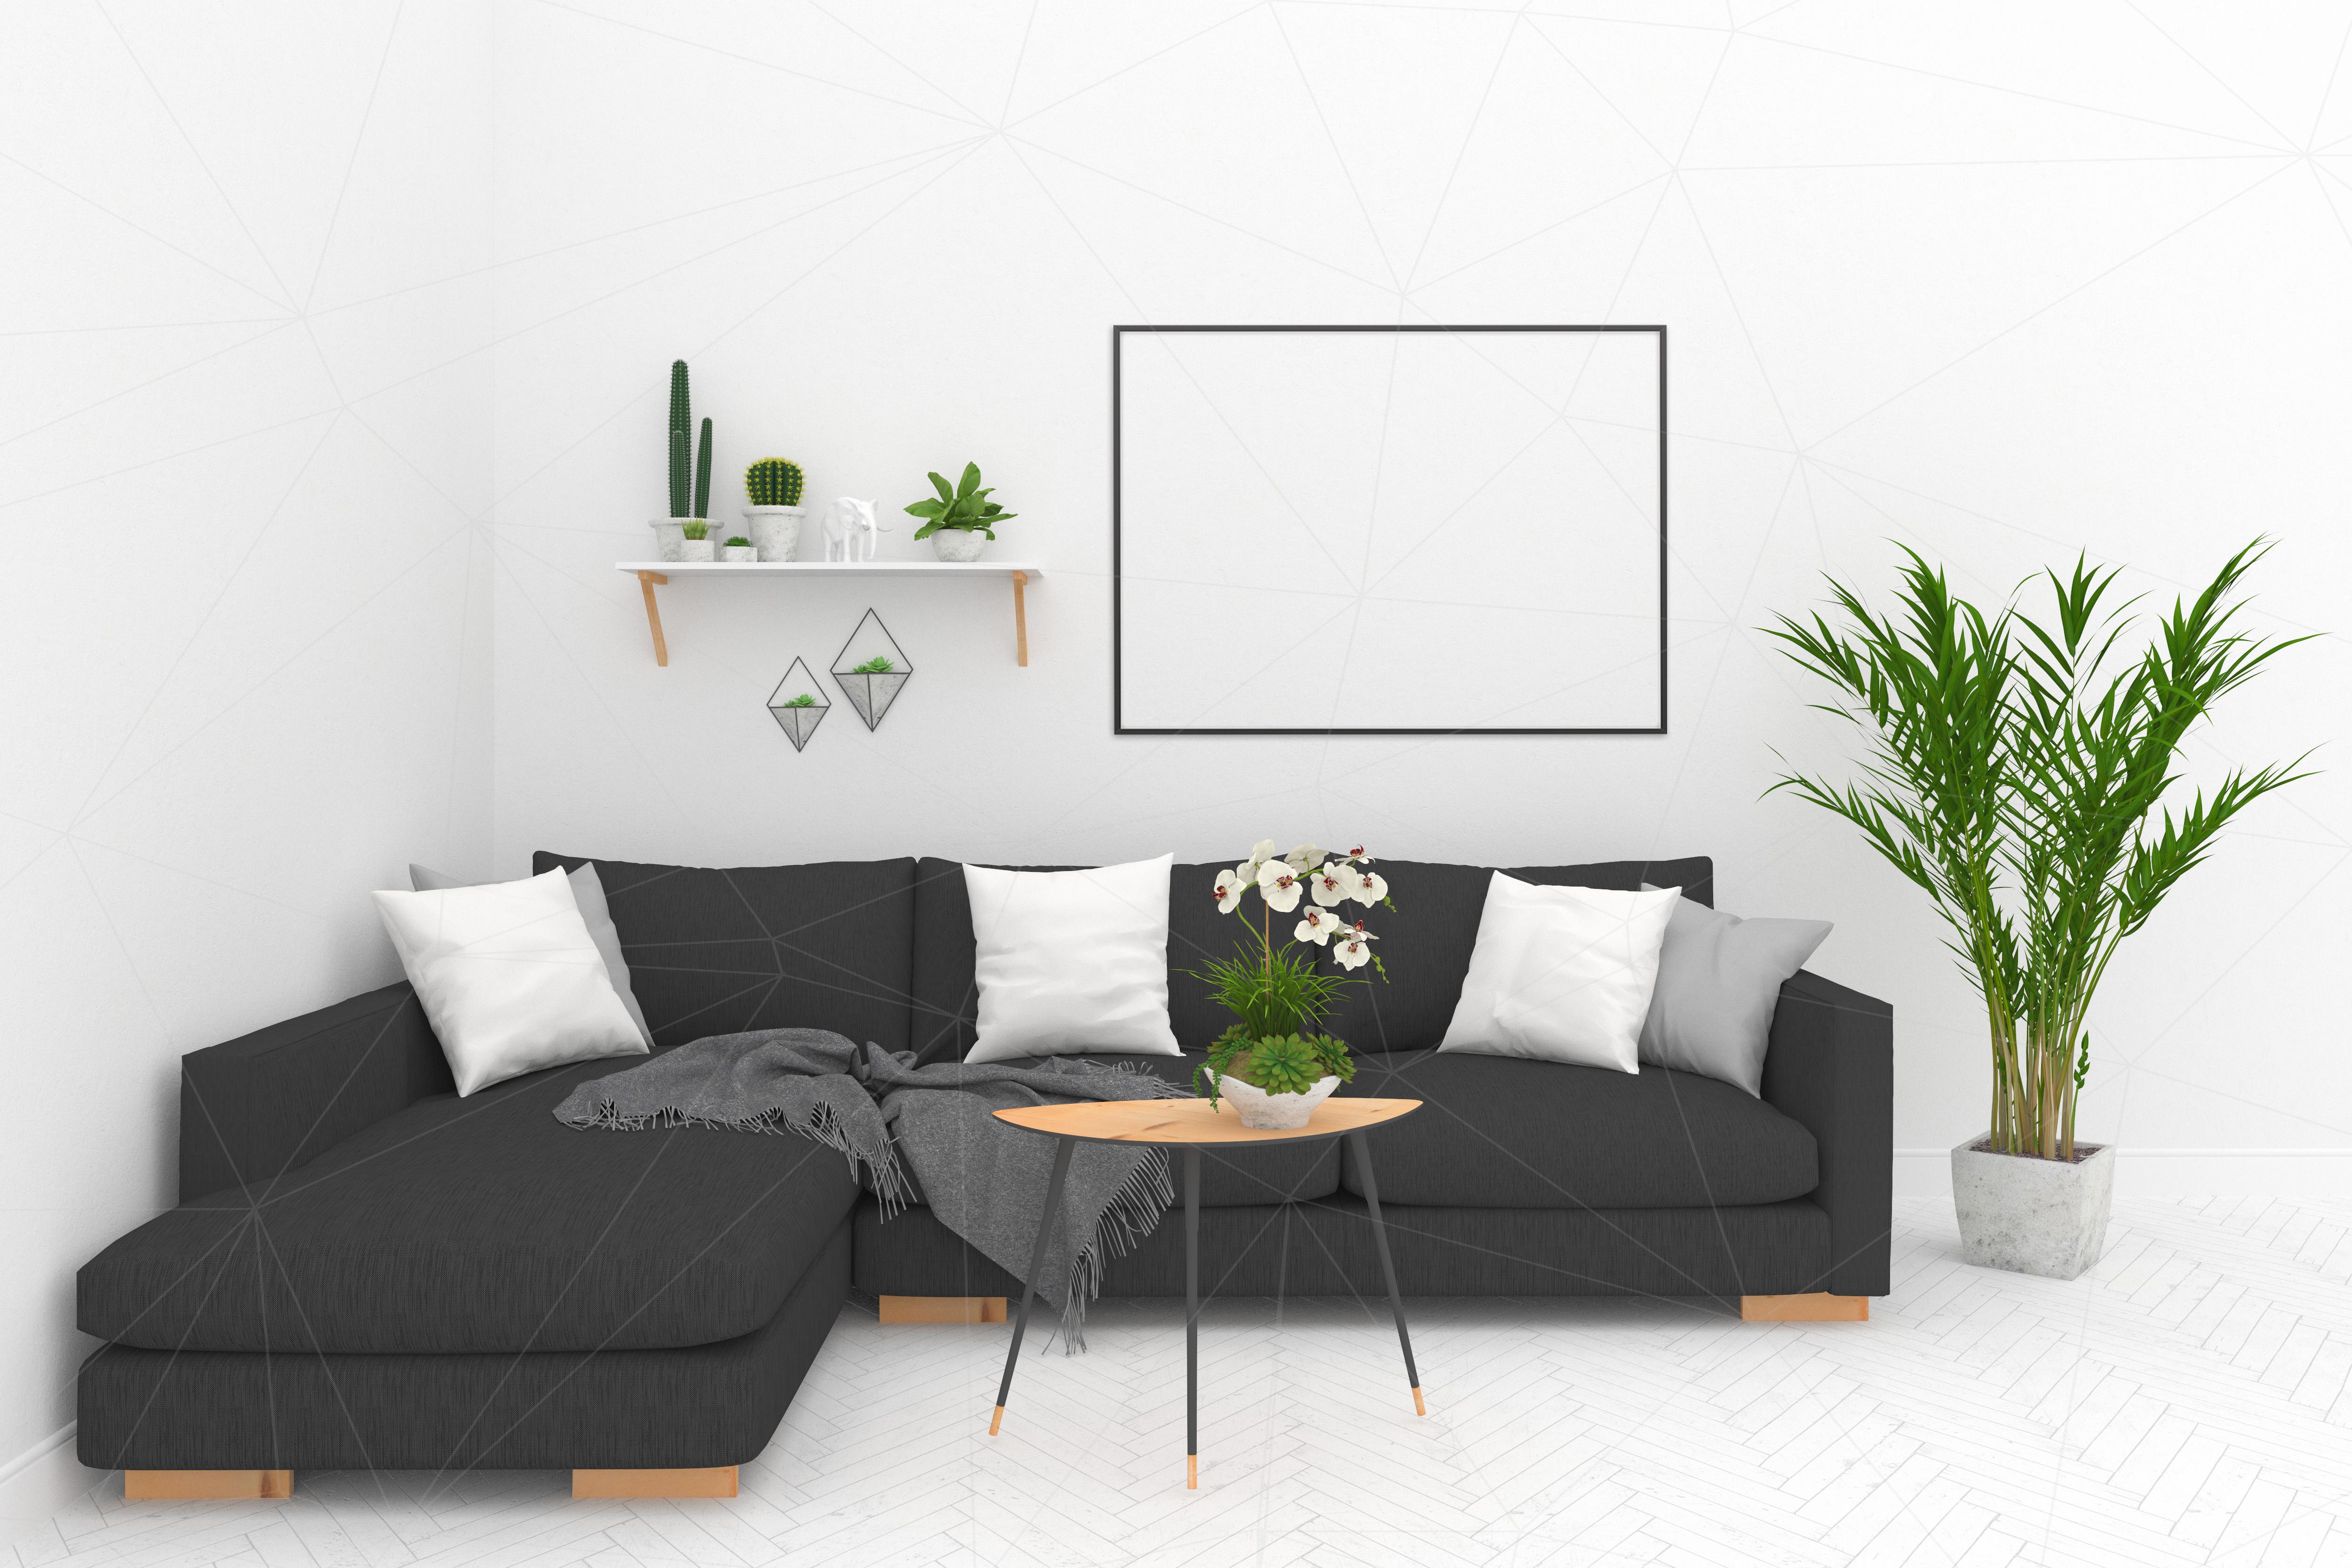 Interior mockup - blank wall mock up example image 3